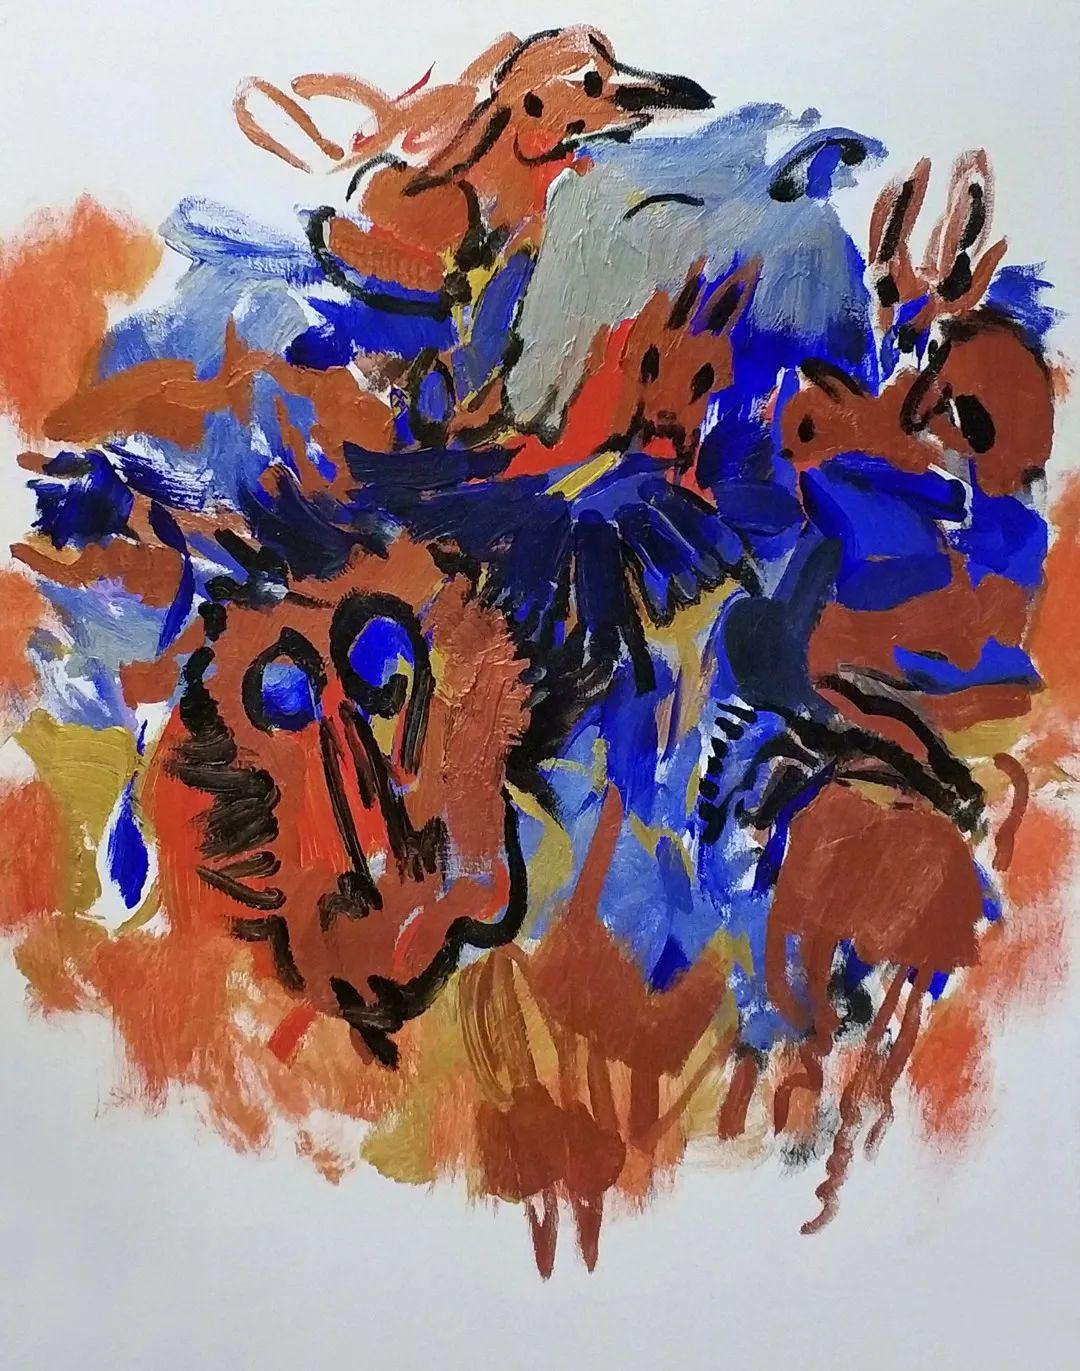 中国当代绘画艺术展作品欣赏之 马壮插图21